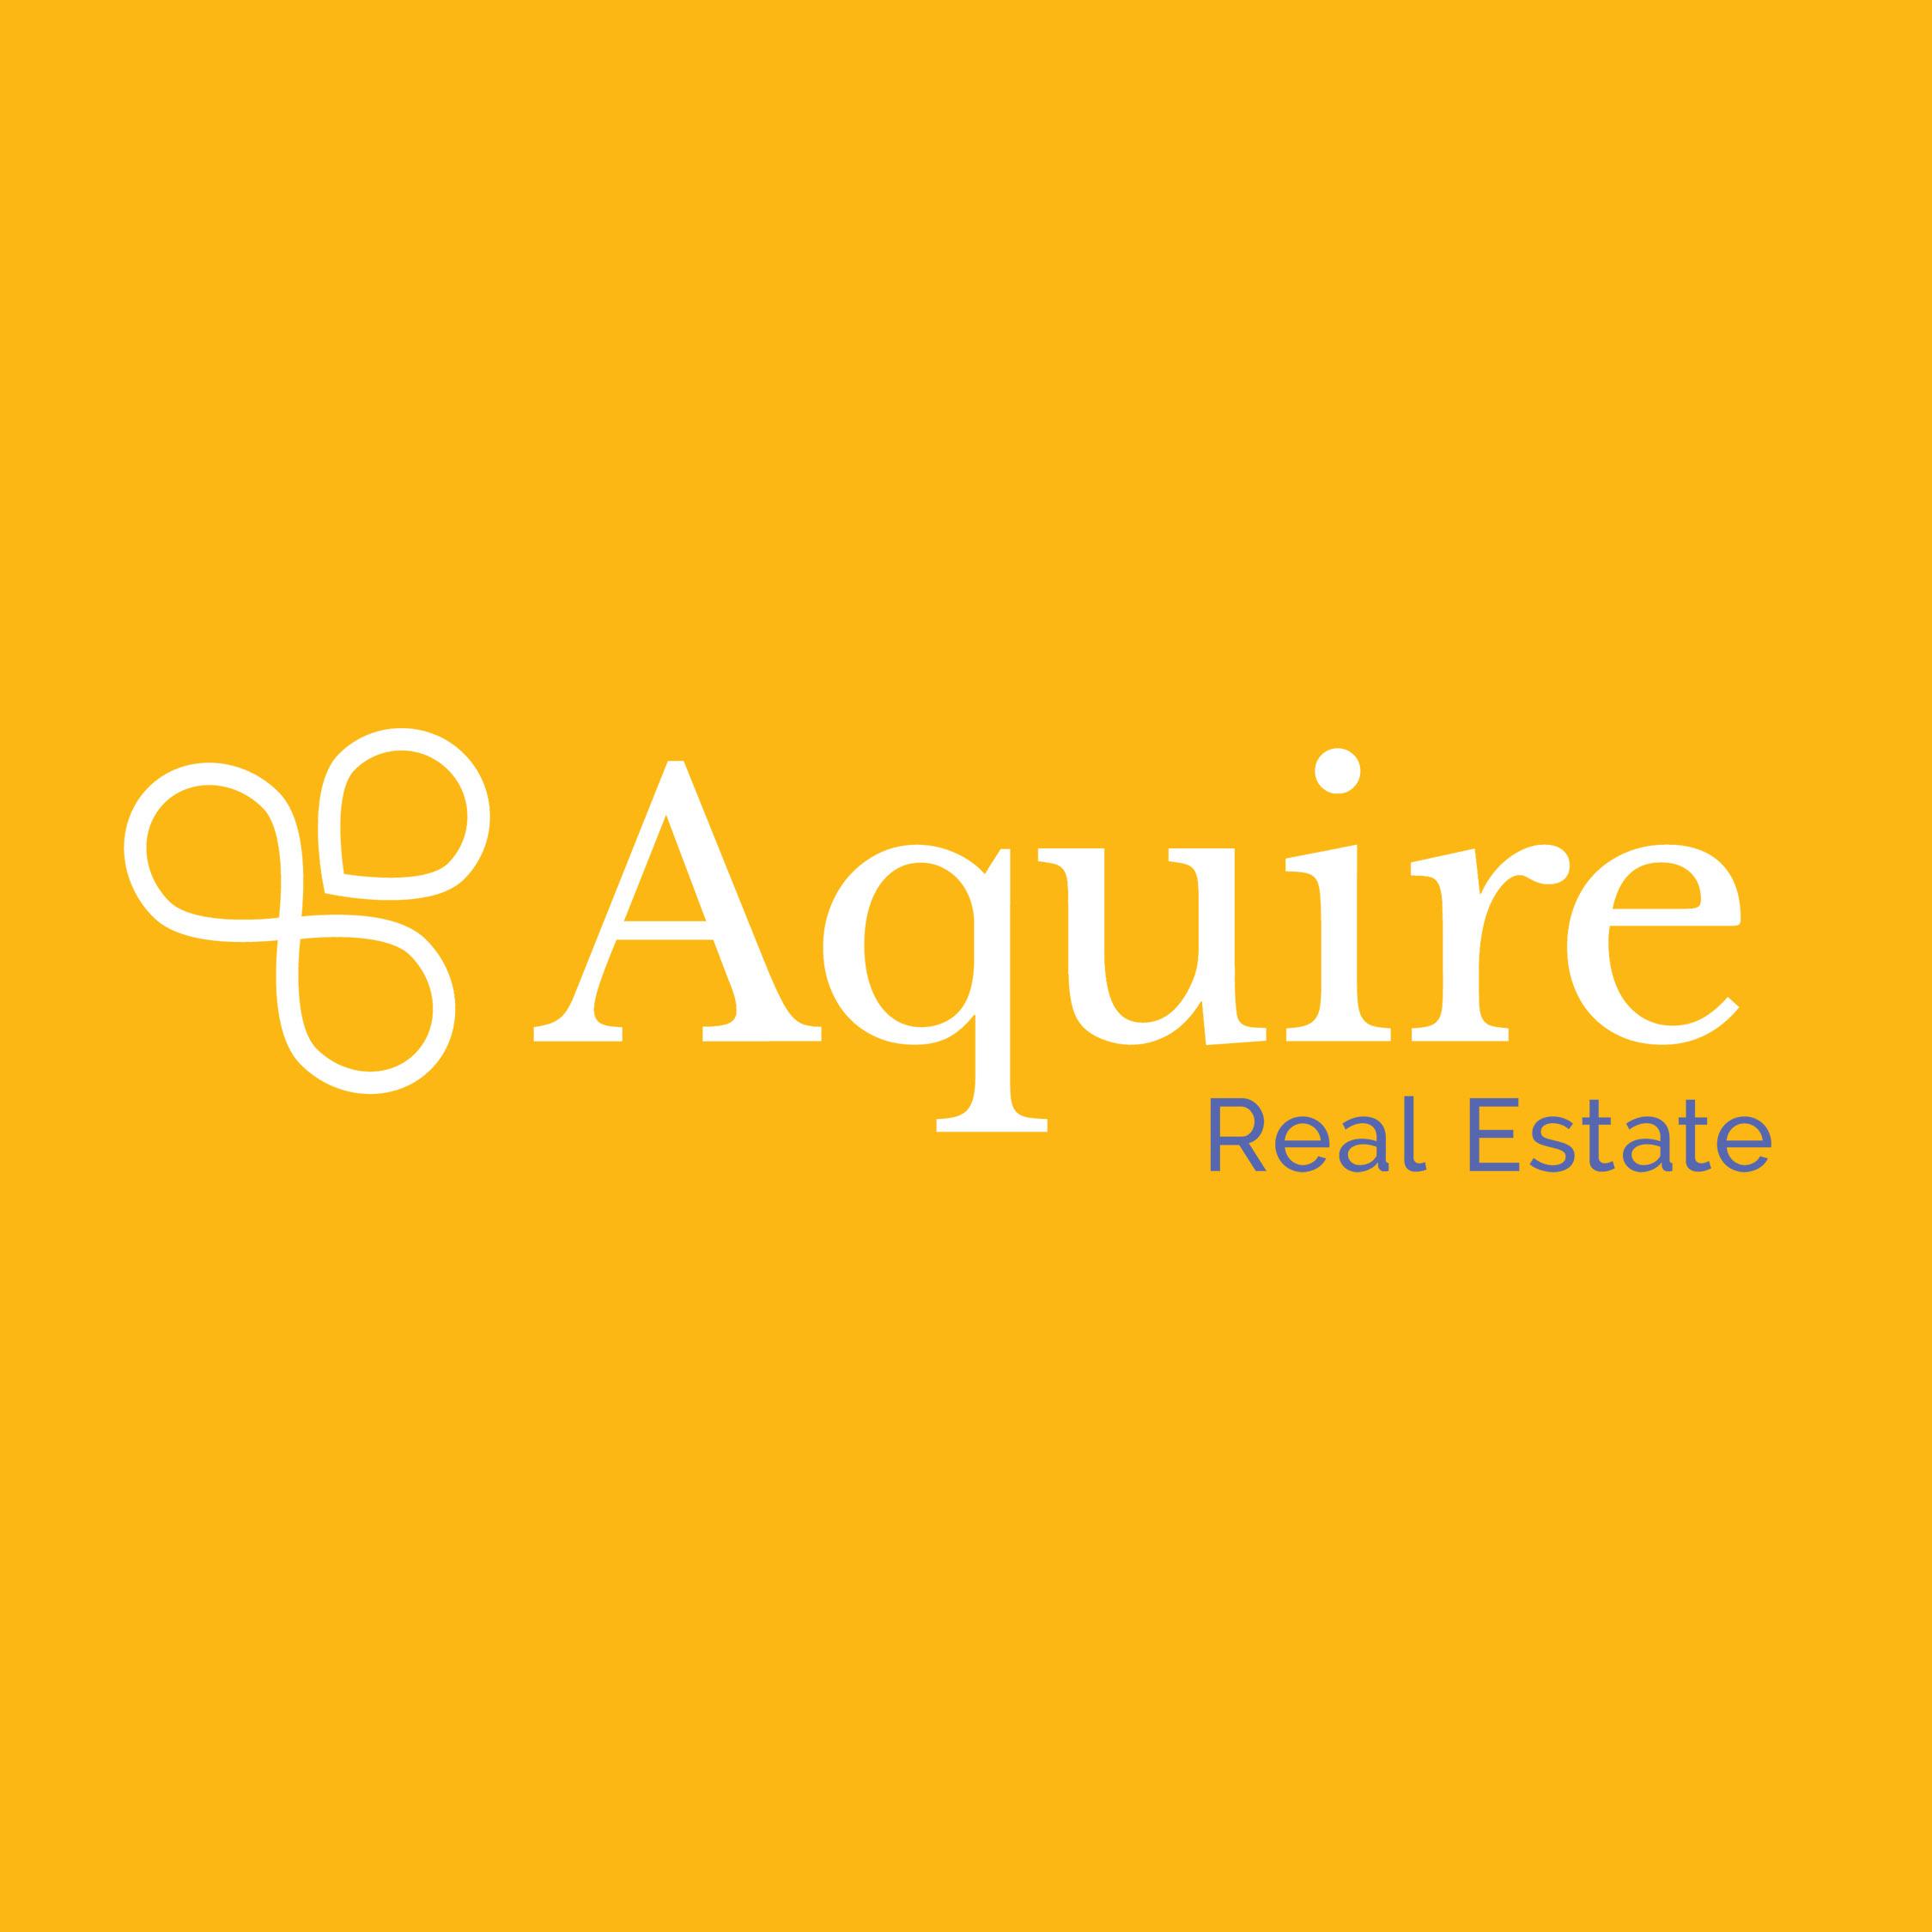 Aquire Real Estate Visual Brand